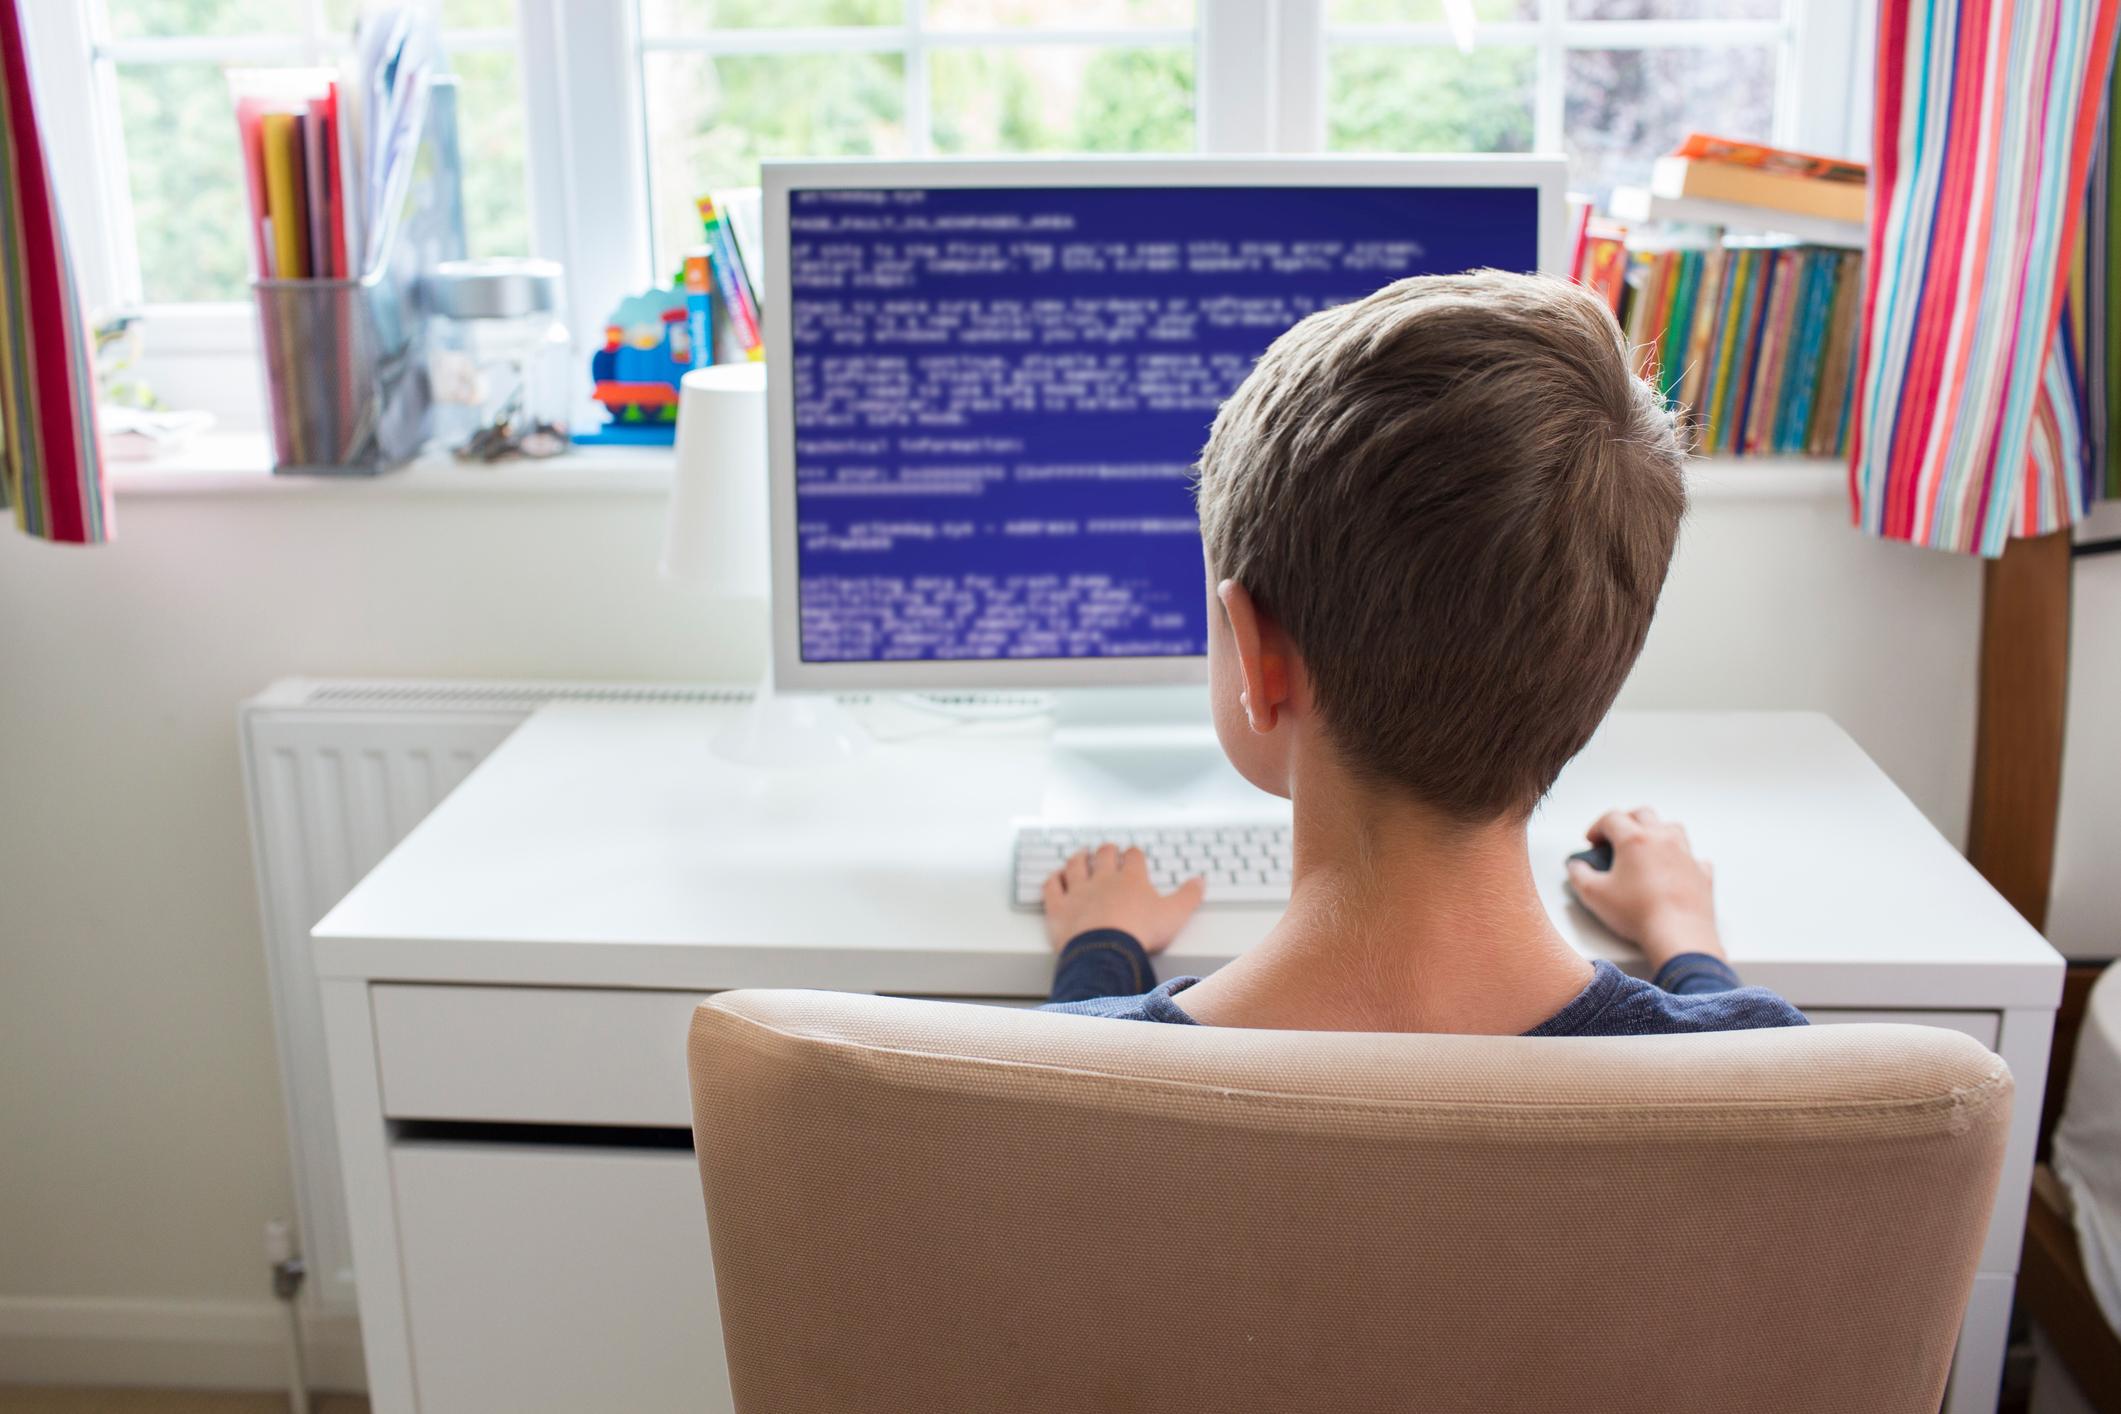 Teenage boy on computer